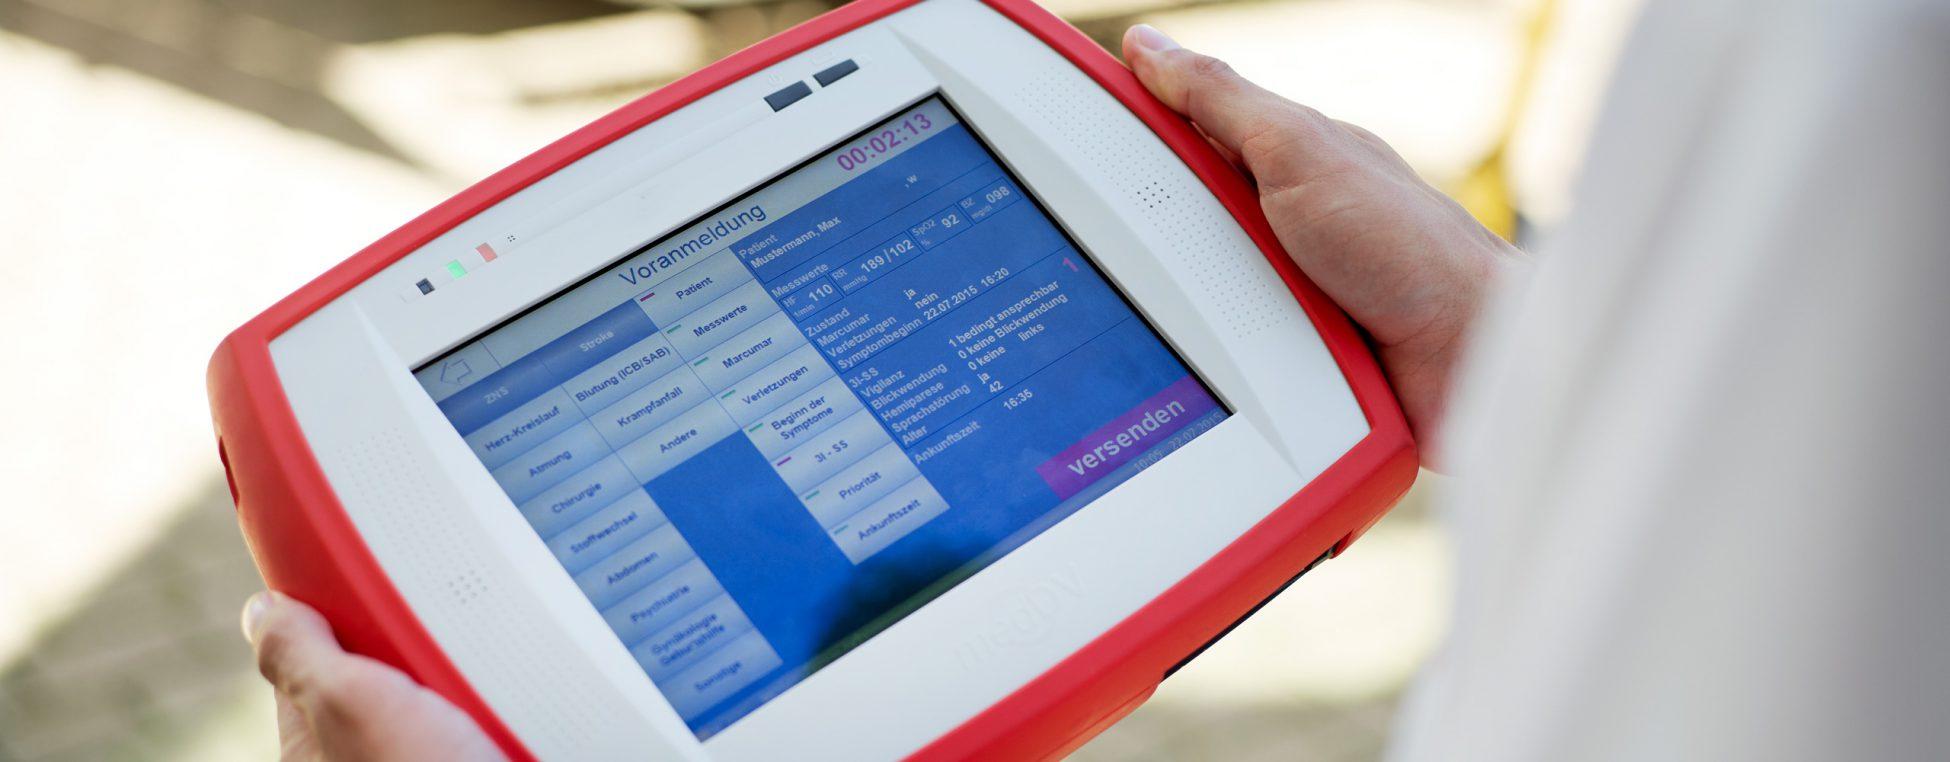 Telemedizinisches Tablet